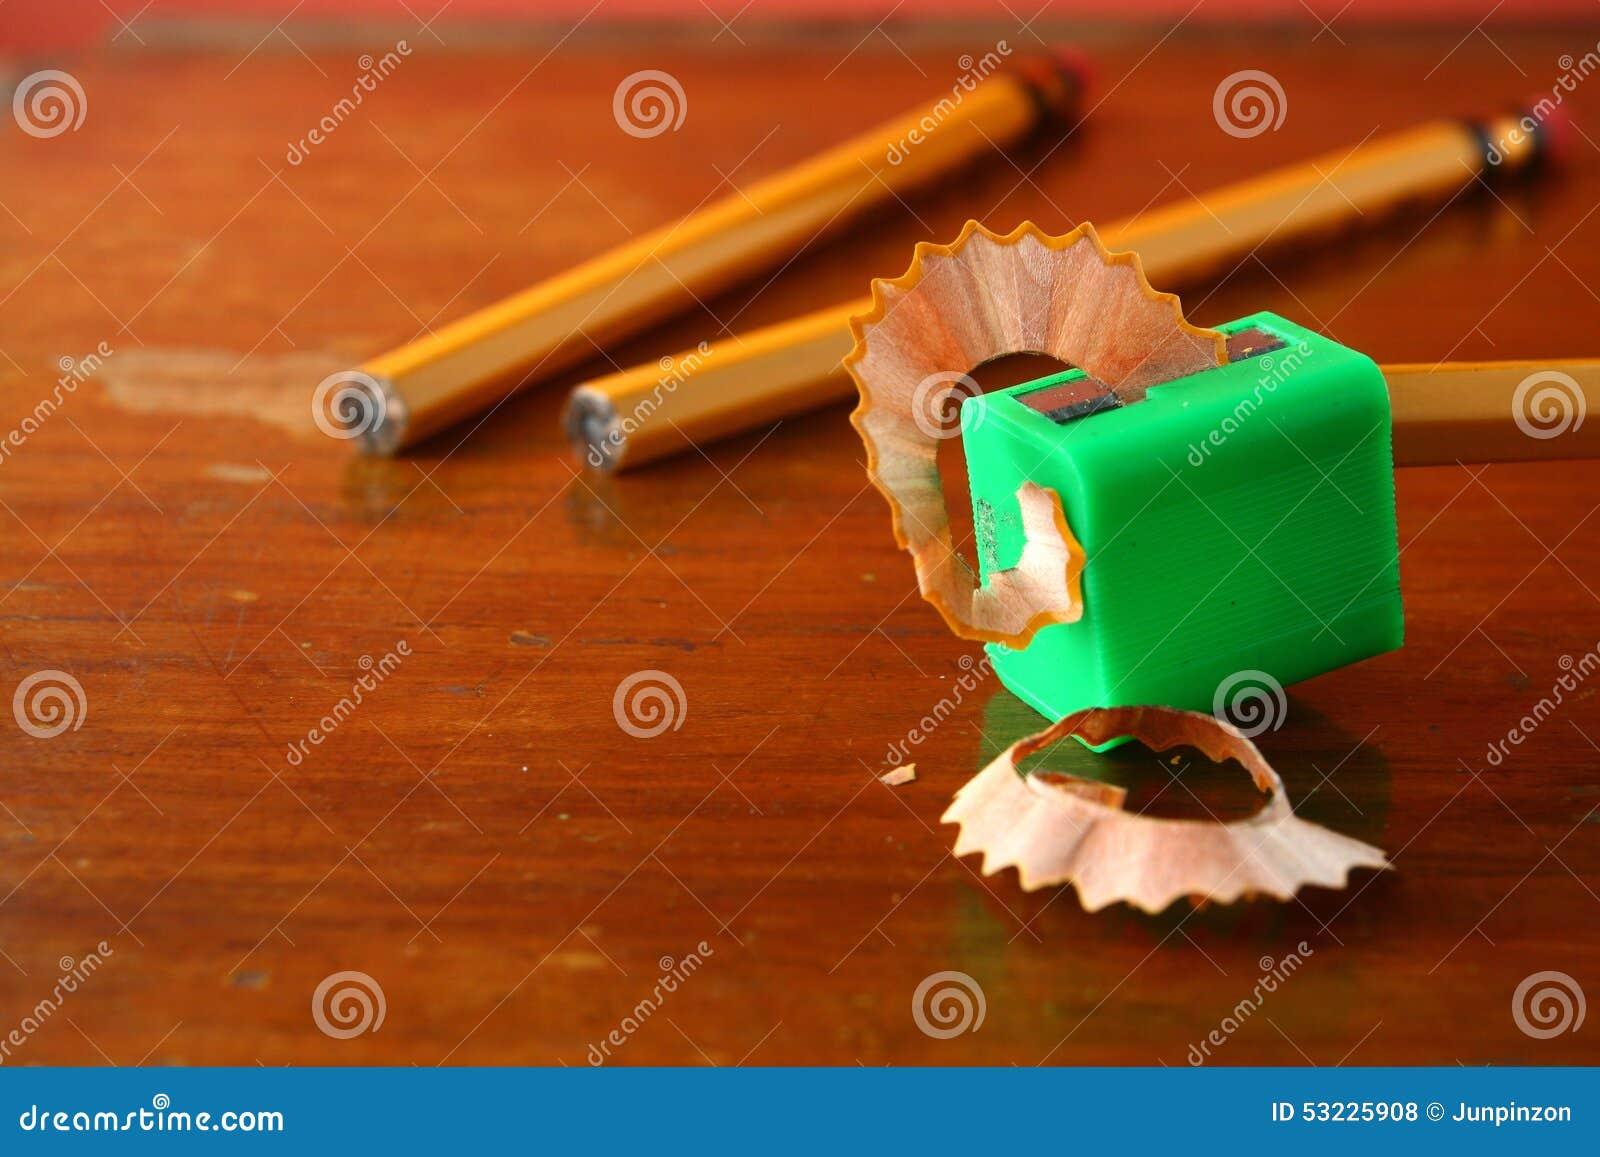 Dibuje a lápiz en sacapuntas y dos lápices unsharpened